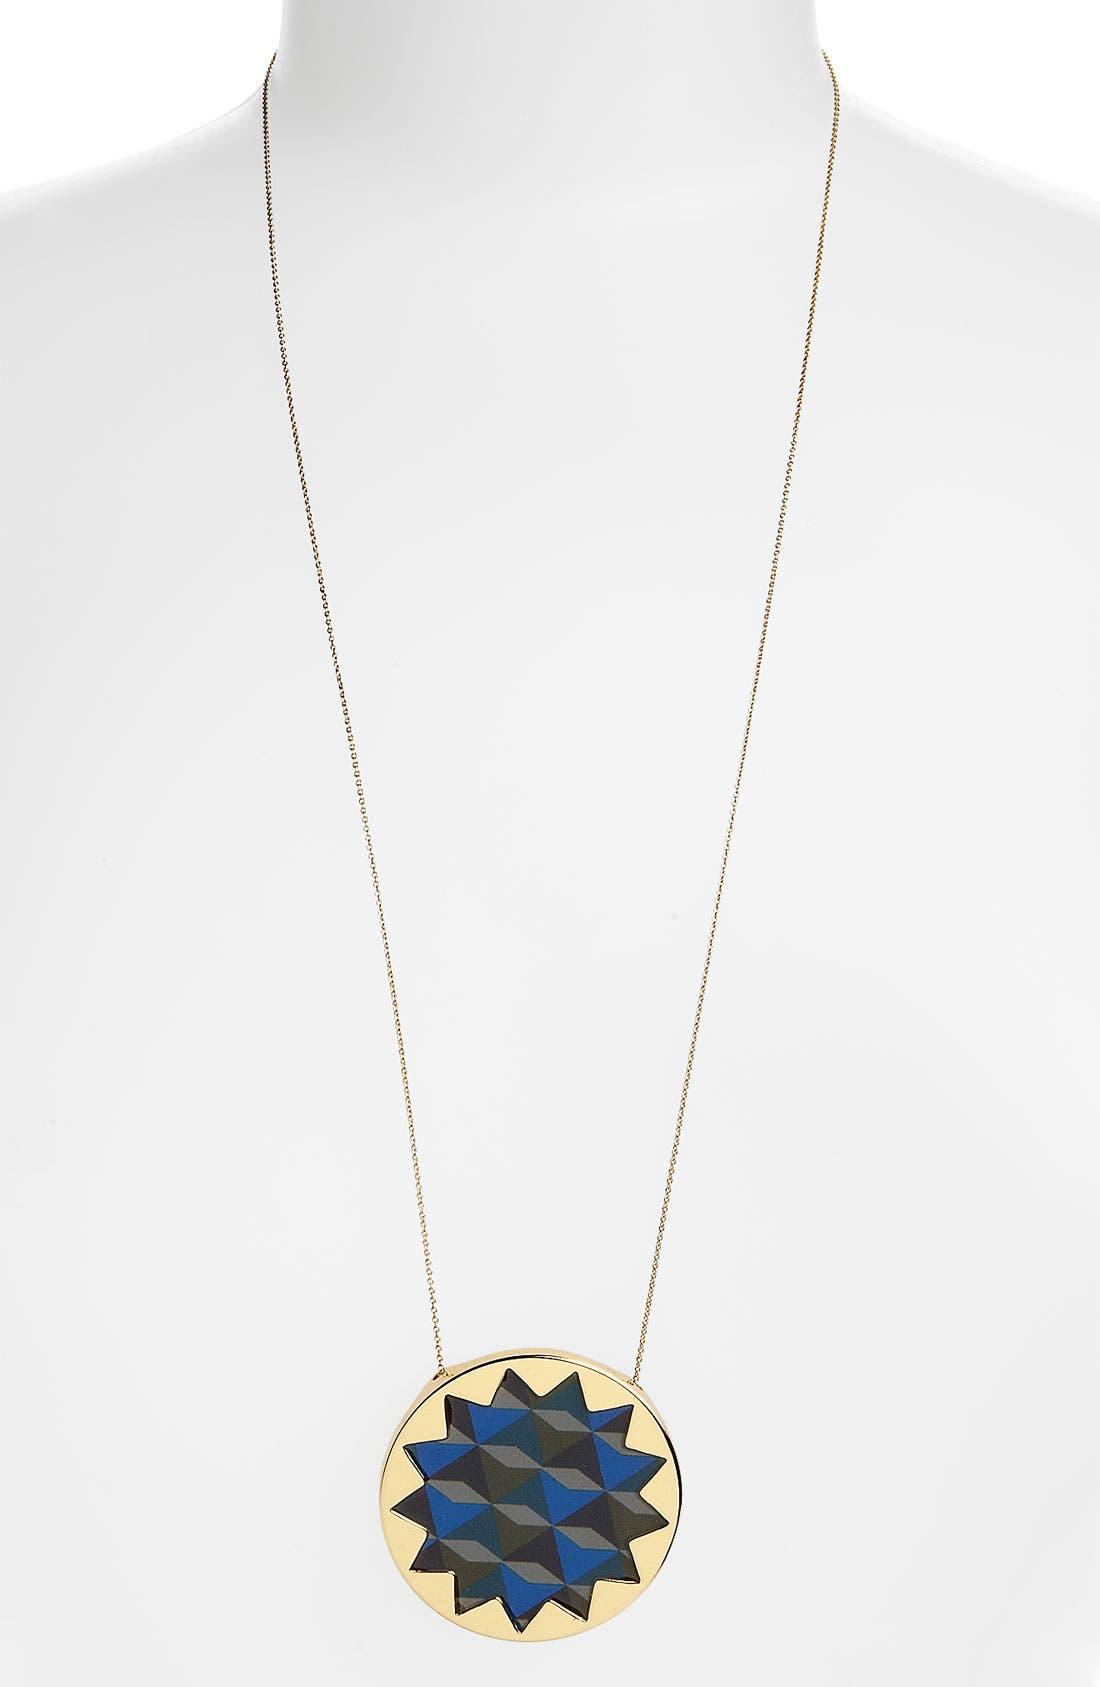 Sunburst Pendant,                         Main,                         color, Gold